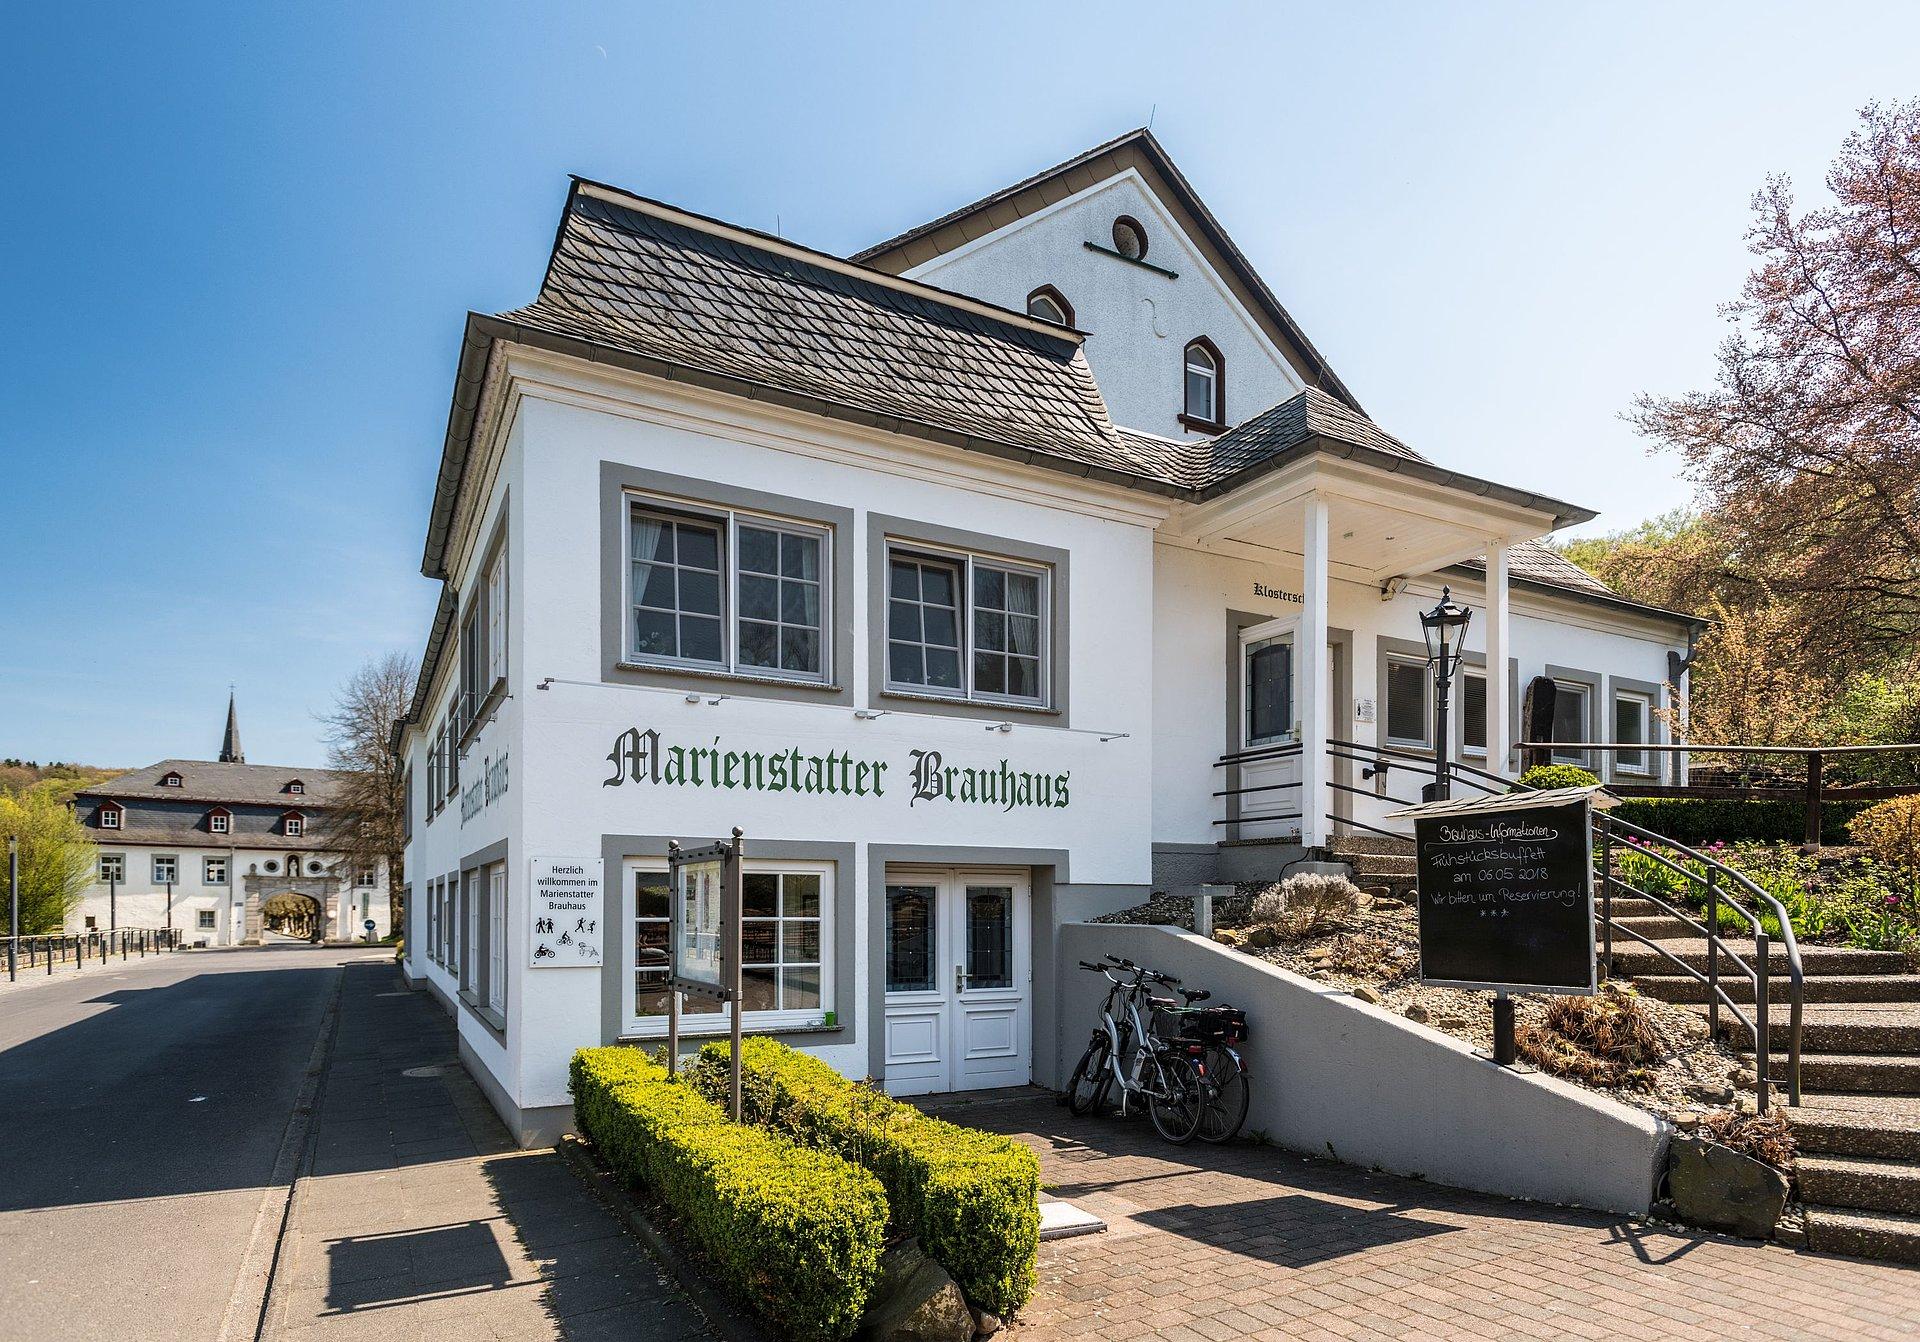 Marienstatter Brauhaus im Nistertal bei Streithausen, Westerwald